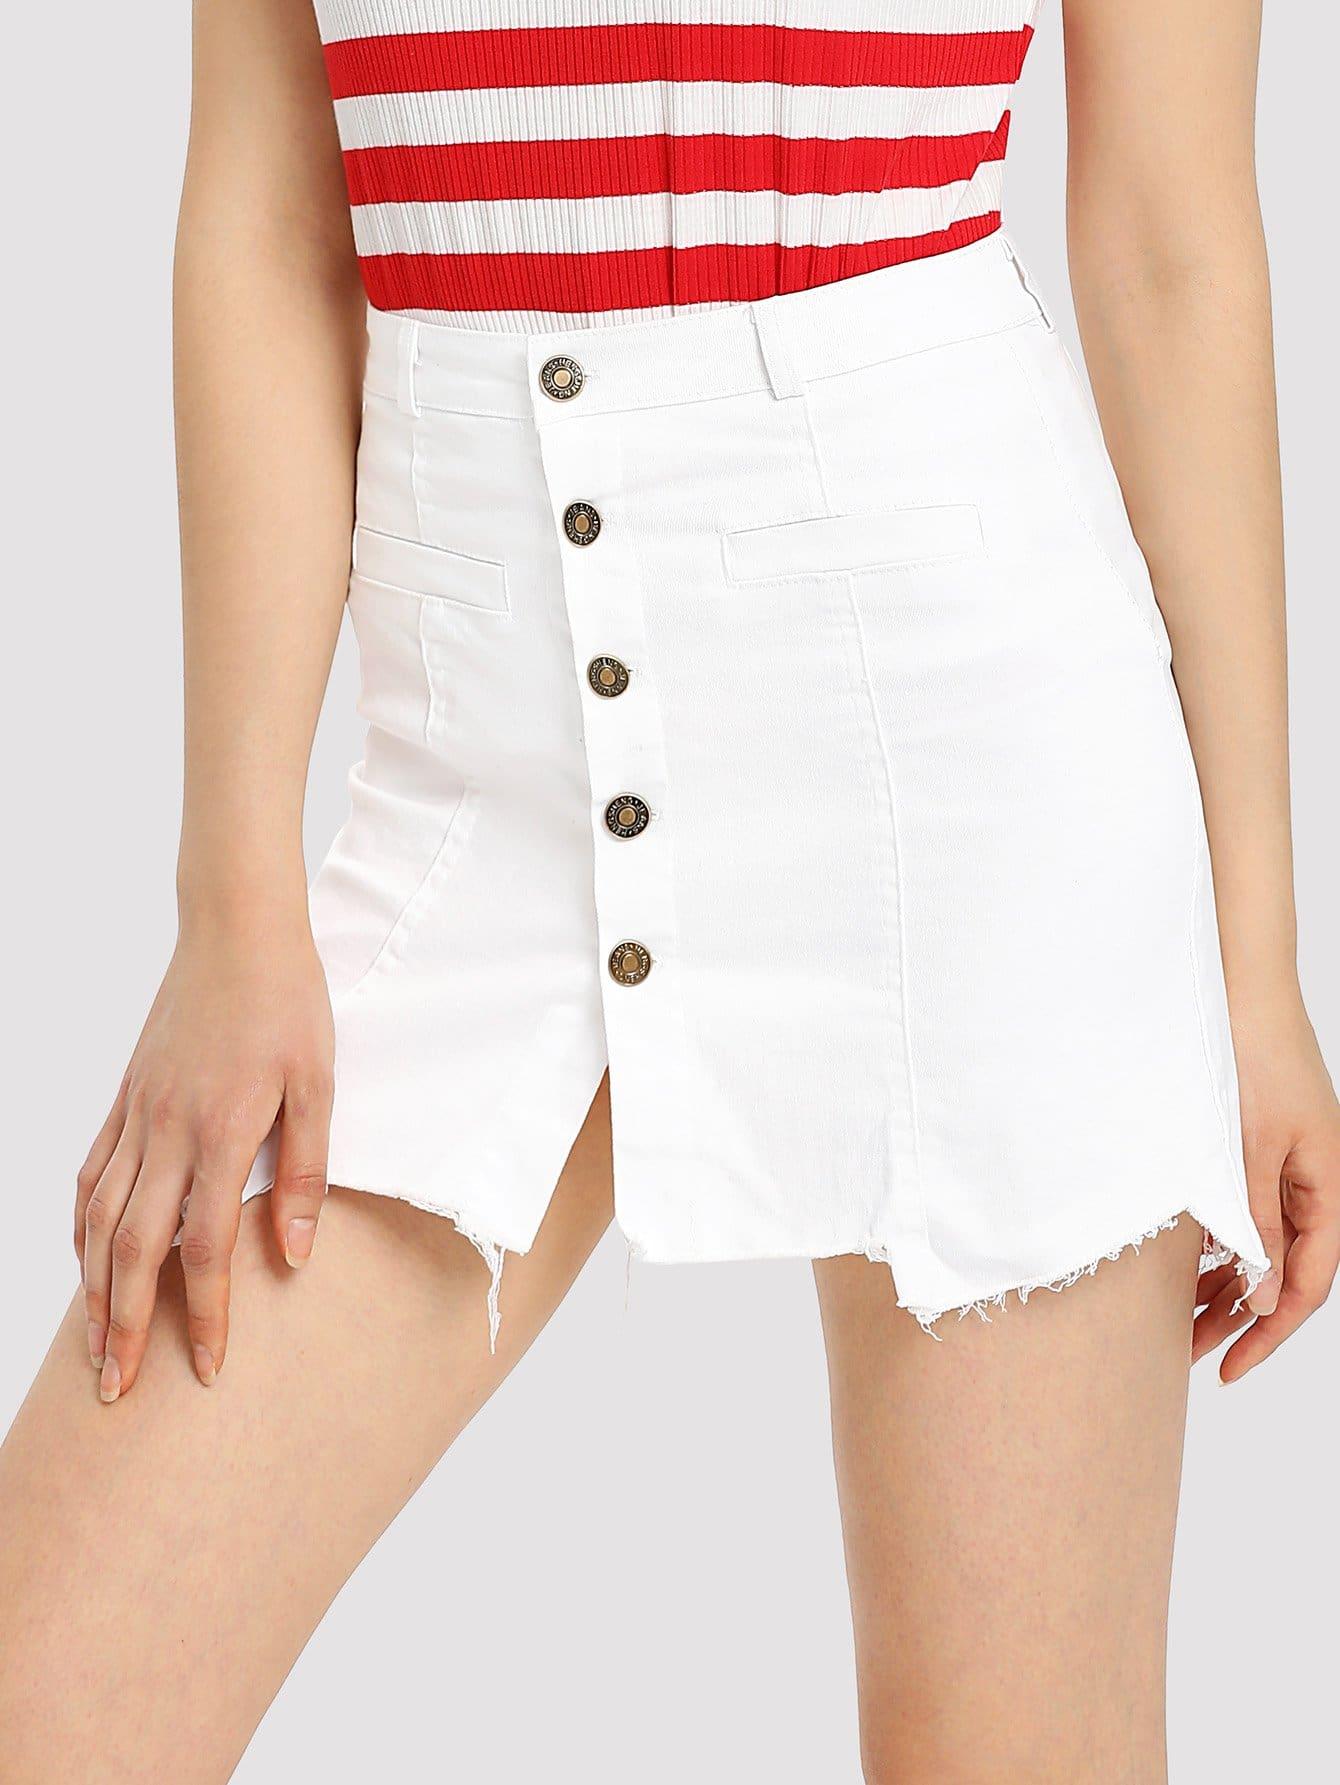 Купить Ассиметричная юбка деним с пуговицами и необработанными краями, Karina S, SheIn